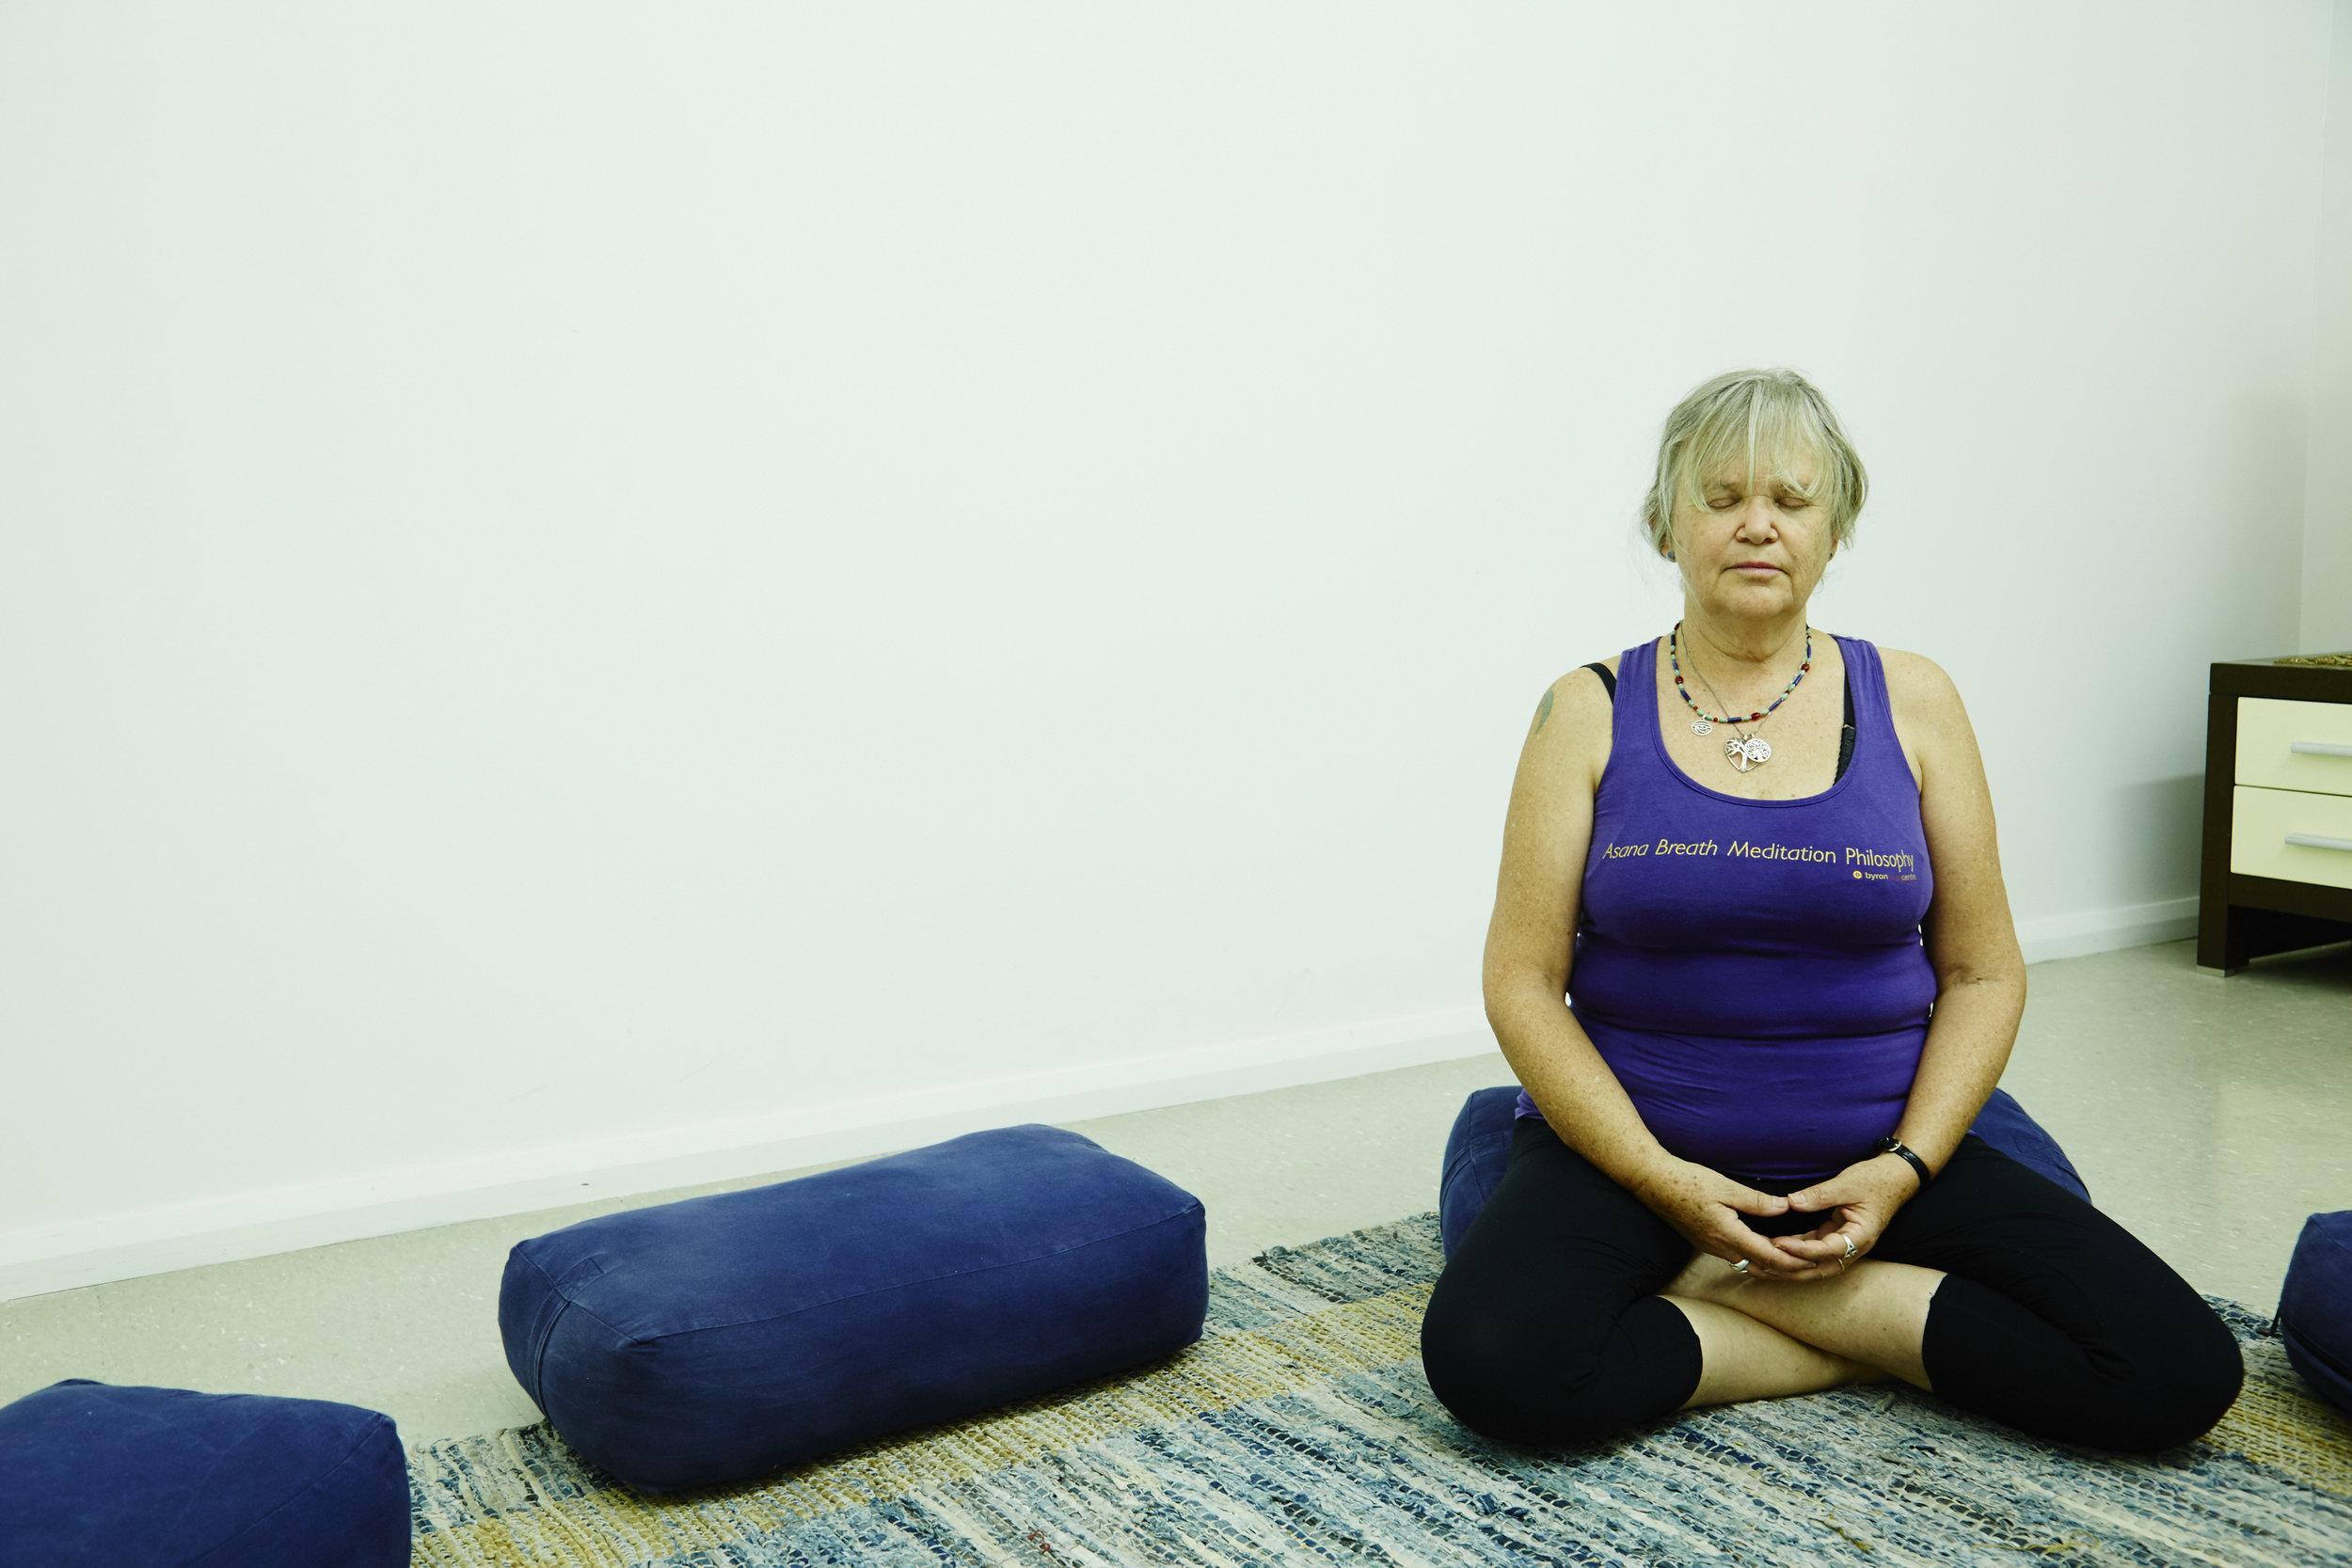 Susanne Meditating